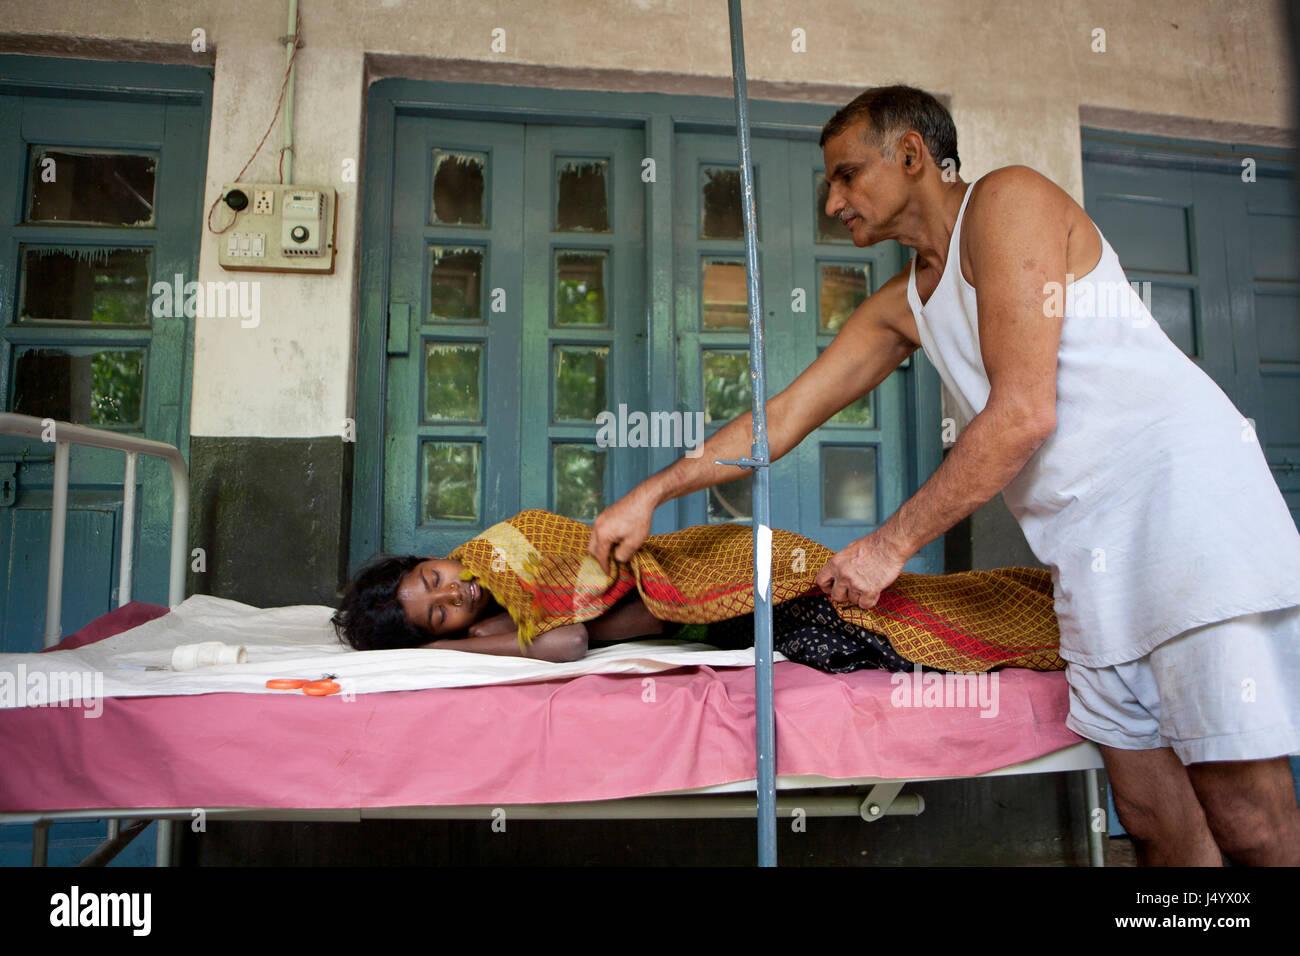 Dr prakash baba amte take care of patient, maharashtra, india, asia - Stock Image